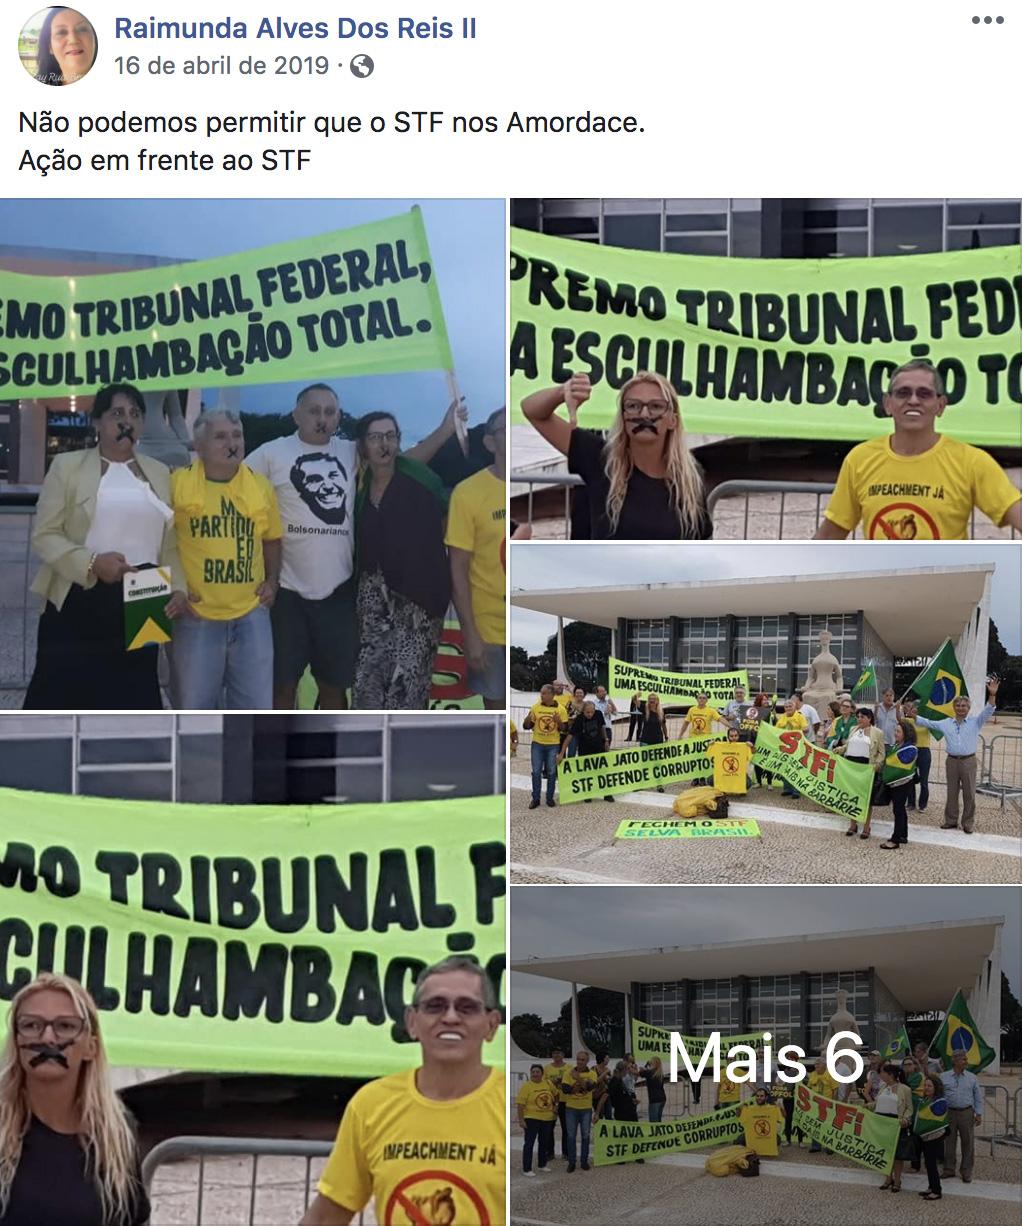 """Faixas de manifestação antidemocrática engrossada por Reis enquanto ela deveria estar trabalhando achincalham STF: """"Supremo Tribunal Federal, esculhambação total""""."""